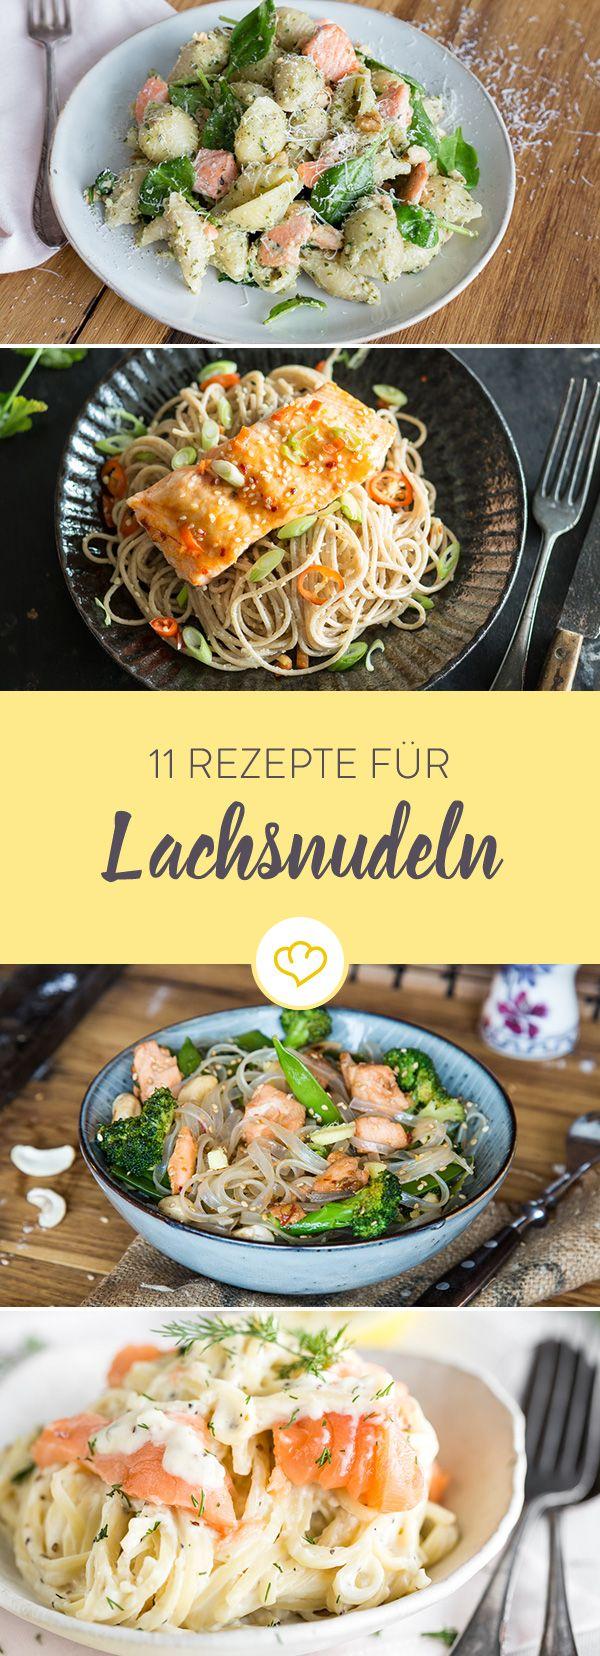 Lachs liebt Pasta. Pasta liebt Lachs. Darum gehören die beiden Köstlichkeiten aus der Küche auch bei diesen 11 Nudelgerichten für Feinschmecker zusammen.